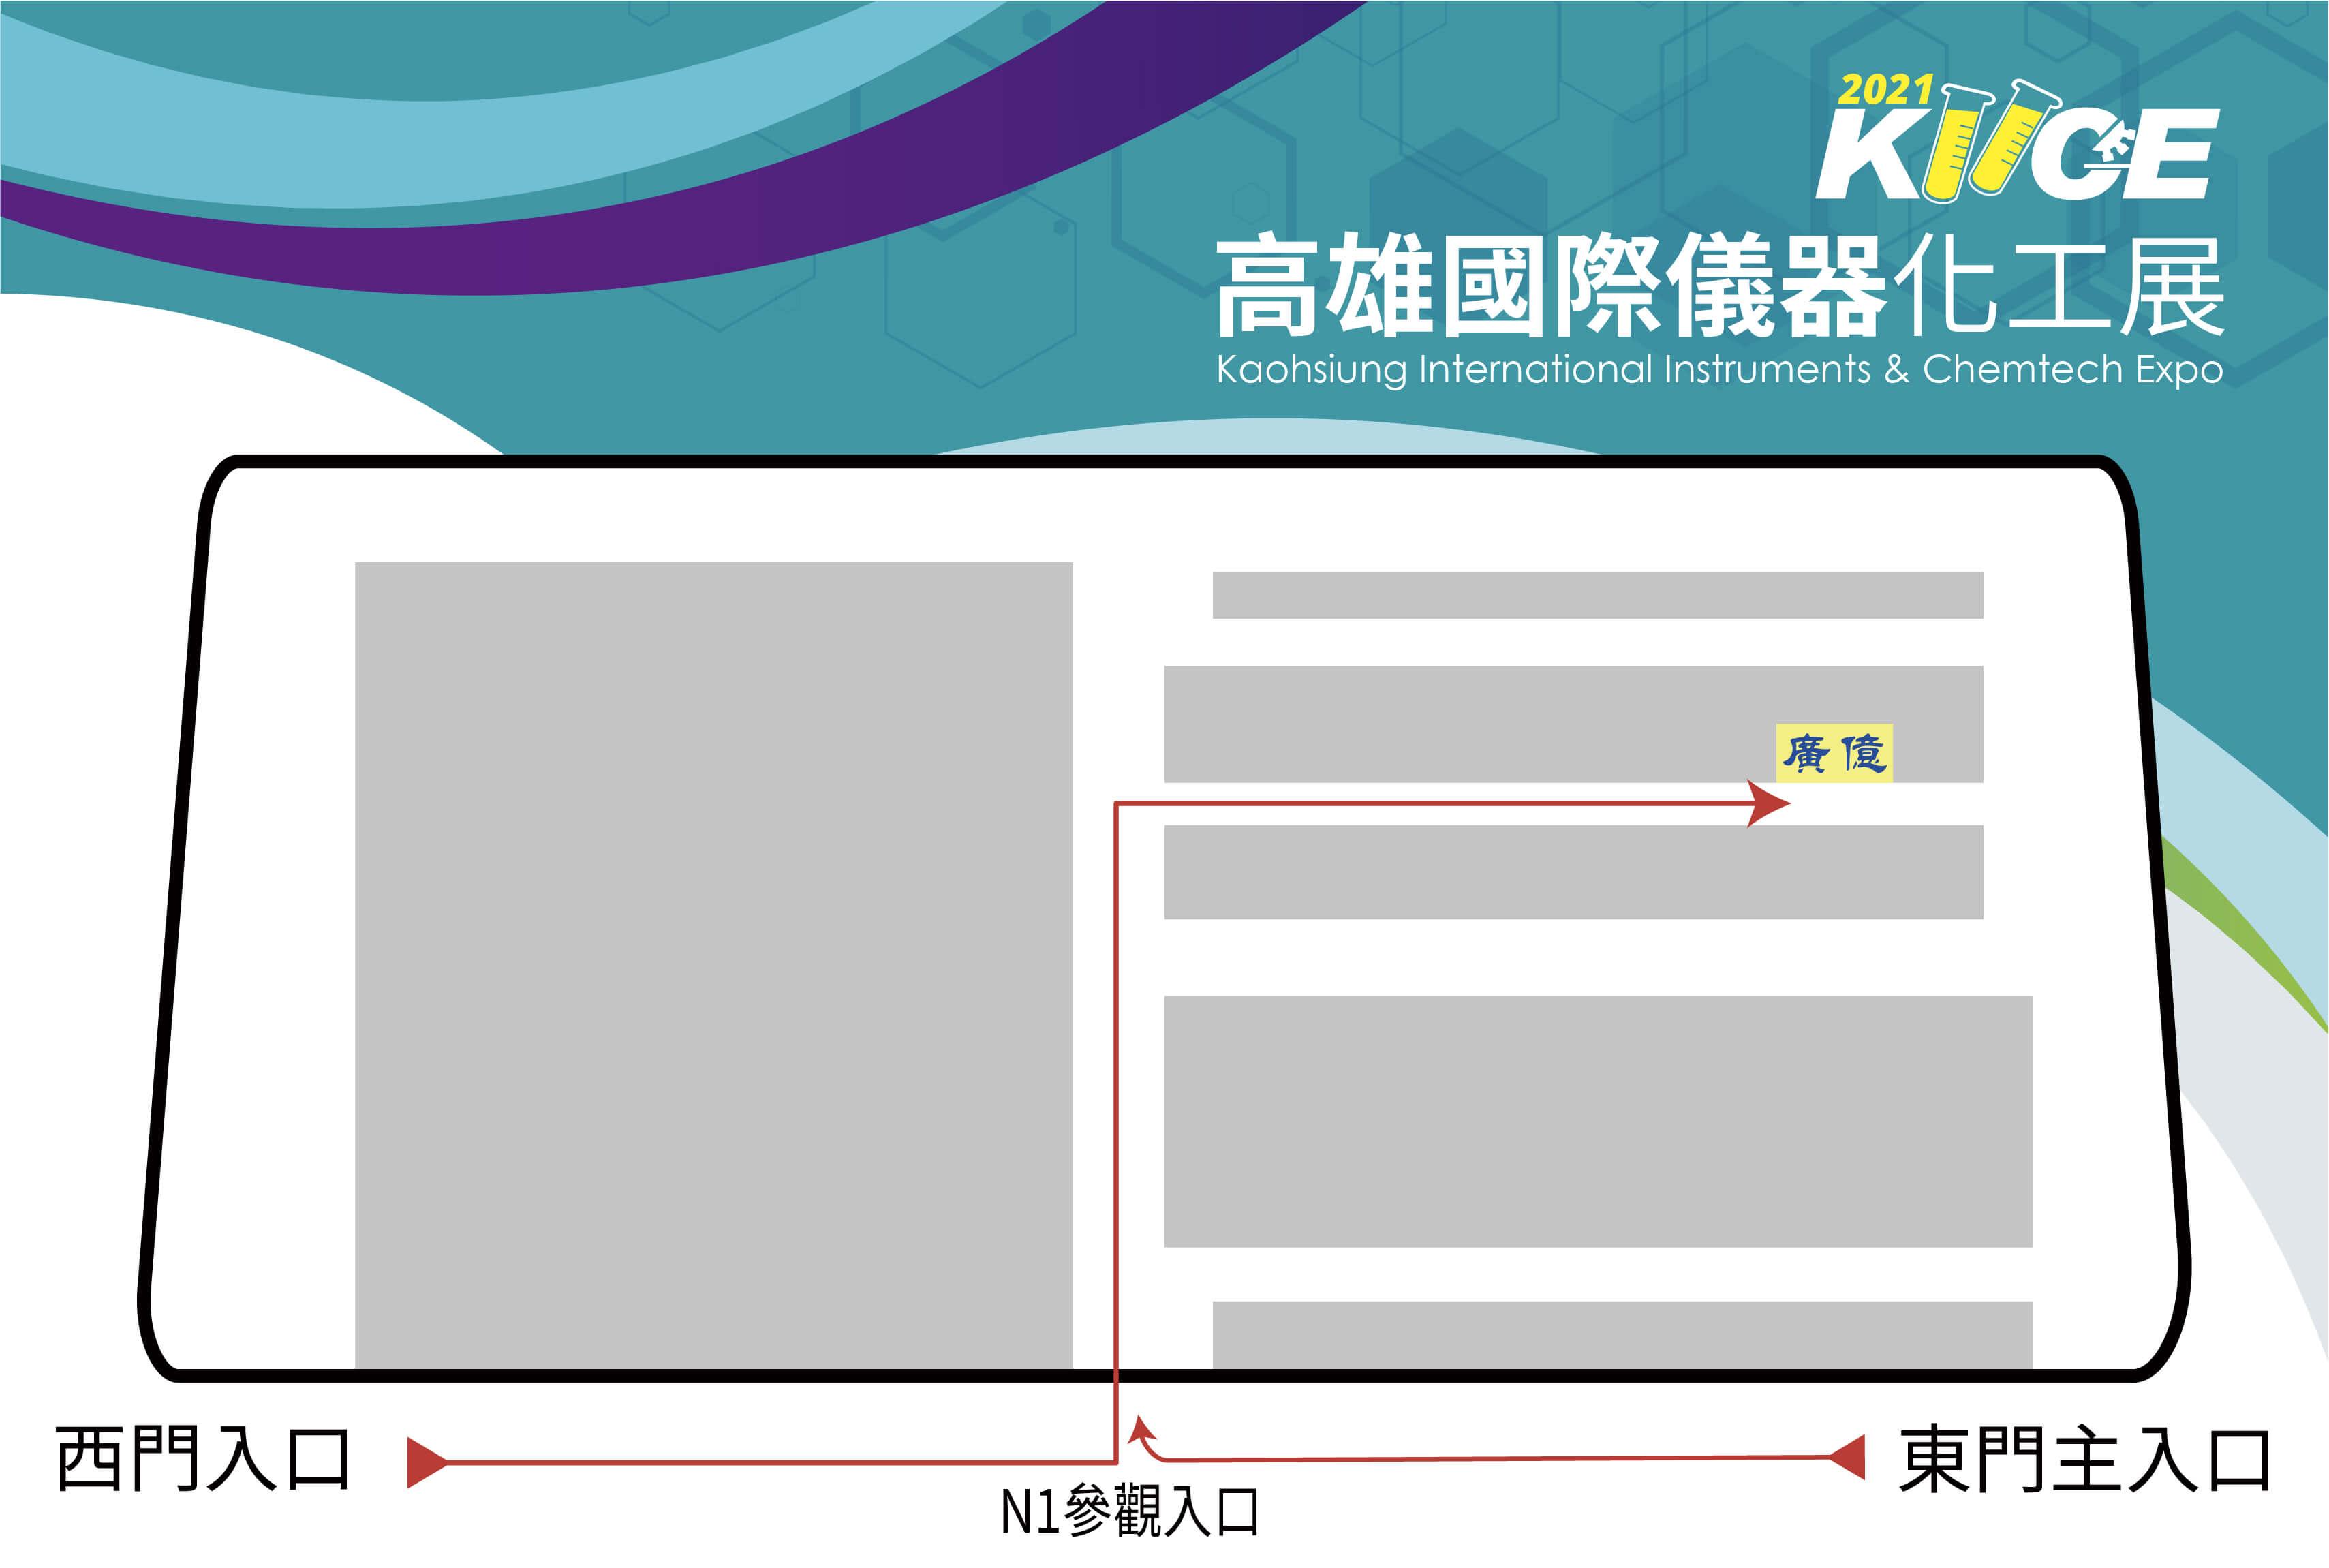 國際半導體展 展場位置圖